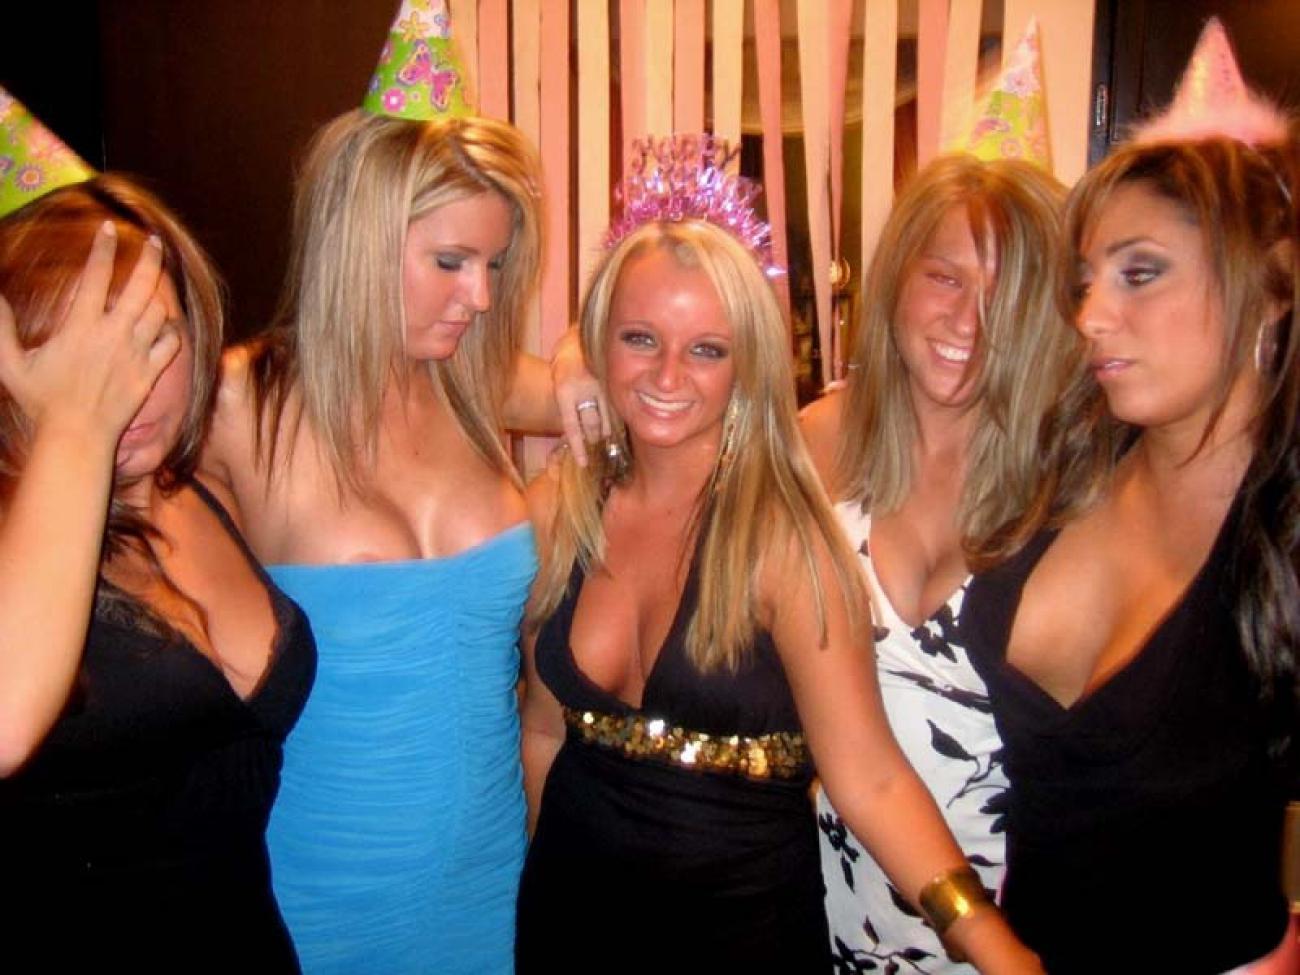 Пьяные девушки на дискотеки смотреть 7 фотография